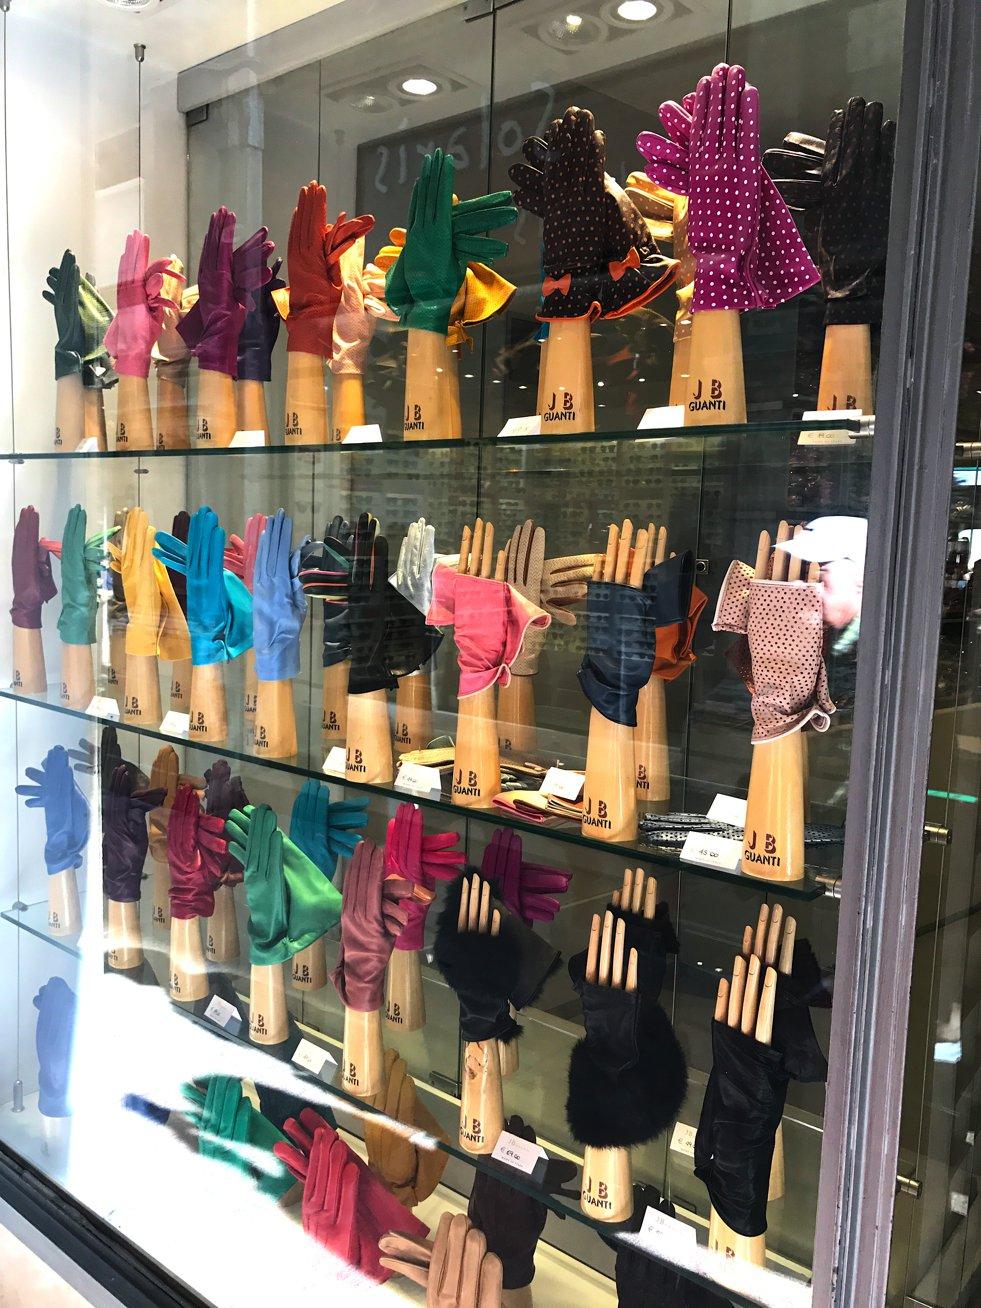 JB Guanto Gloves Venice, Lederhandschuhe in allen Farben Venedig, Handschuhtrend, Fashion-Blog, Lieblingsstil.com,